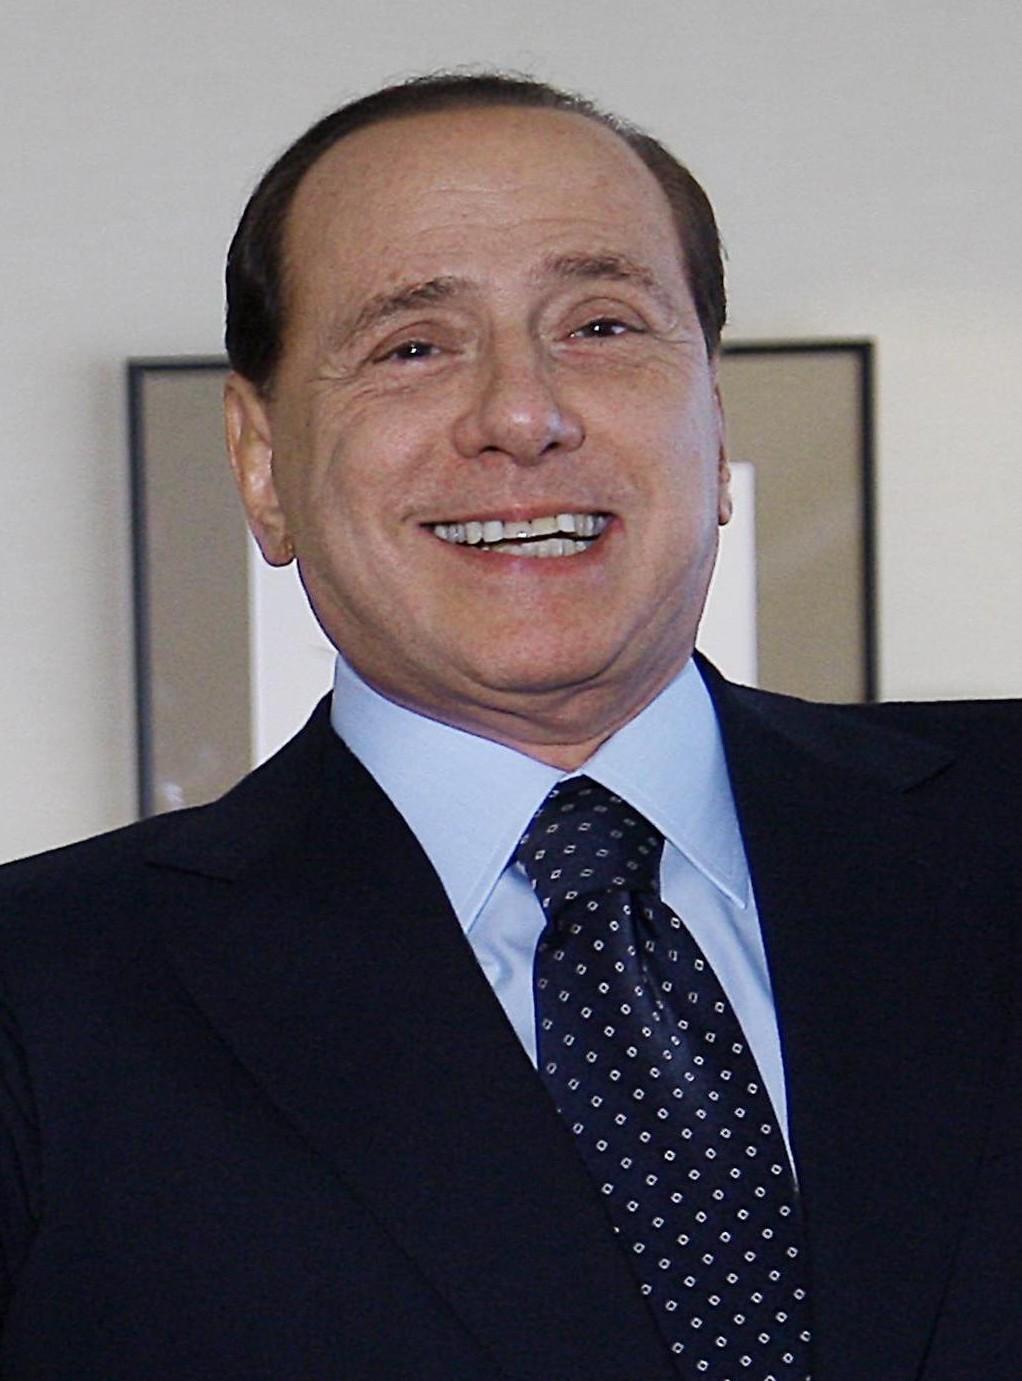 Silvio Berlusconi In Japan The Legacy Of Former Italian Pm Silvio